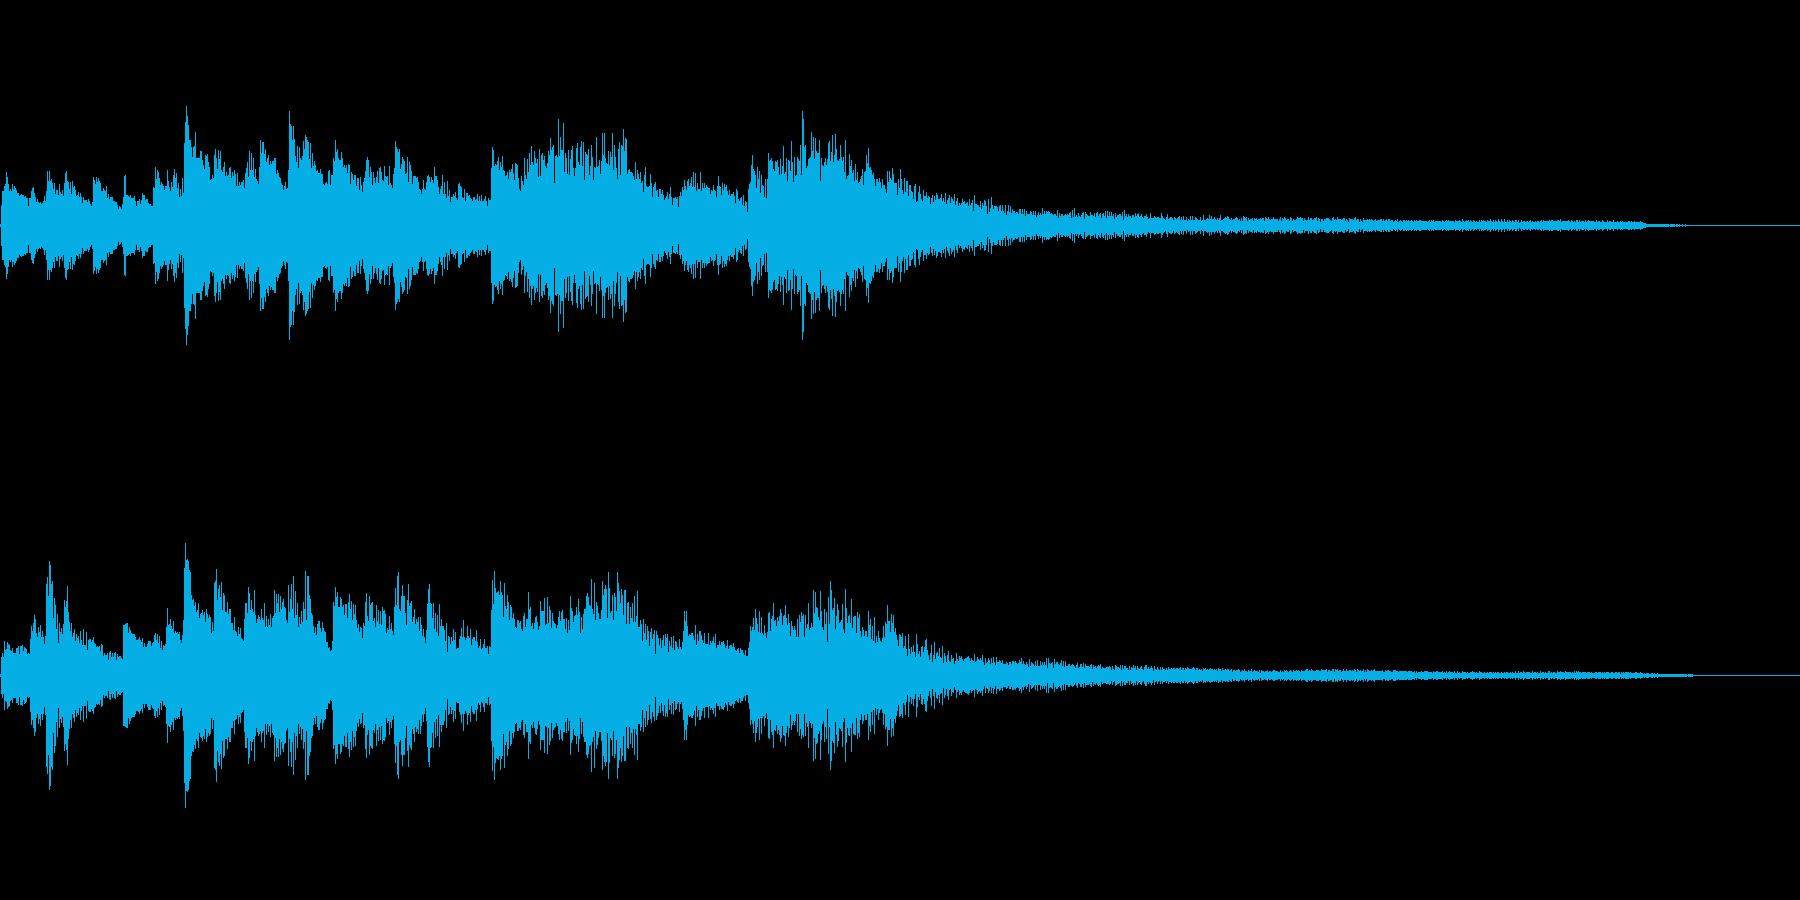 日本舞踊の和風のジングル7-ピアノソロの再生済みの波形